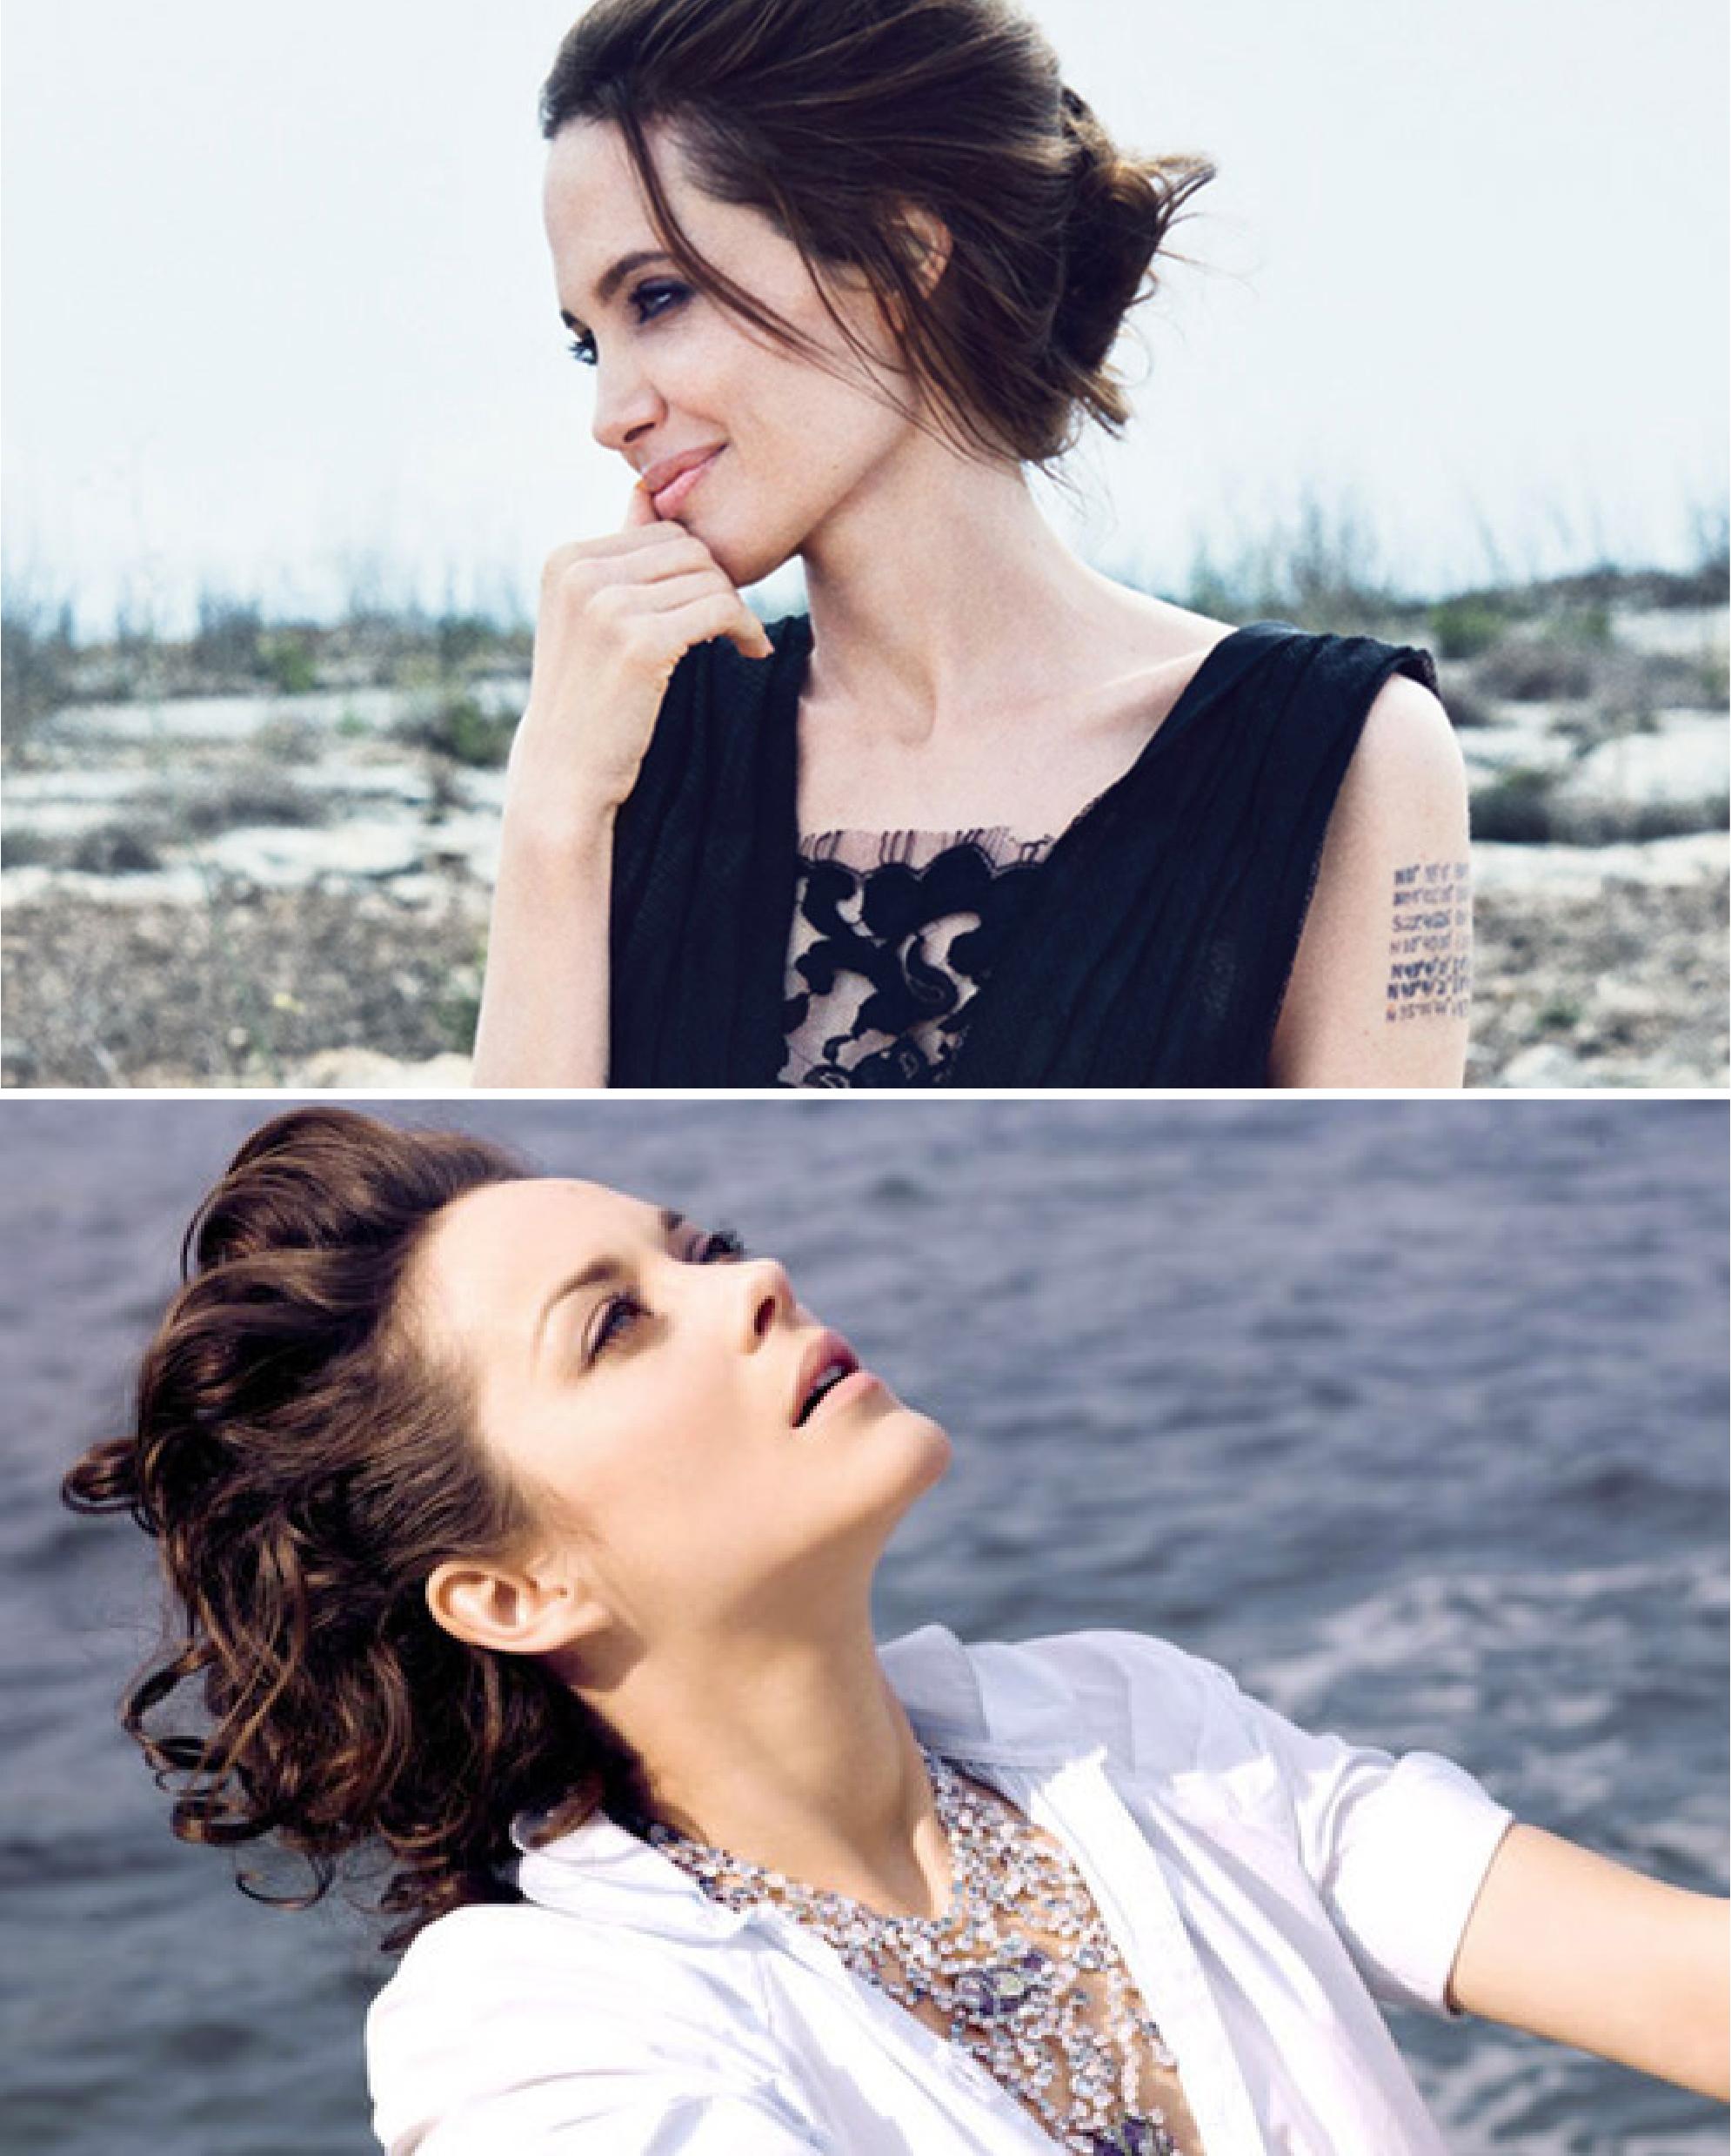 5 điểm giống nhau giữa Angelina Jolie và Marion Cotillard